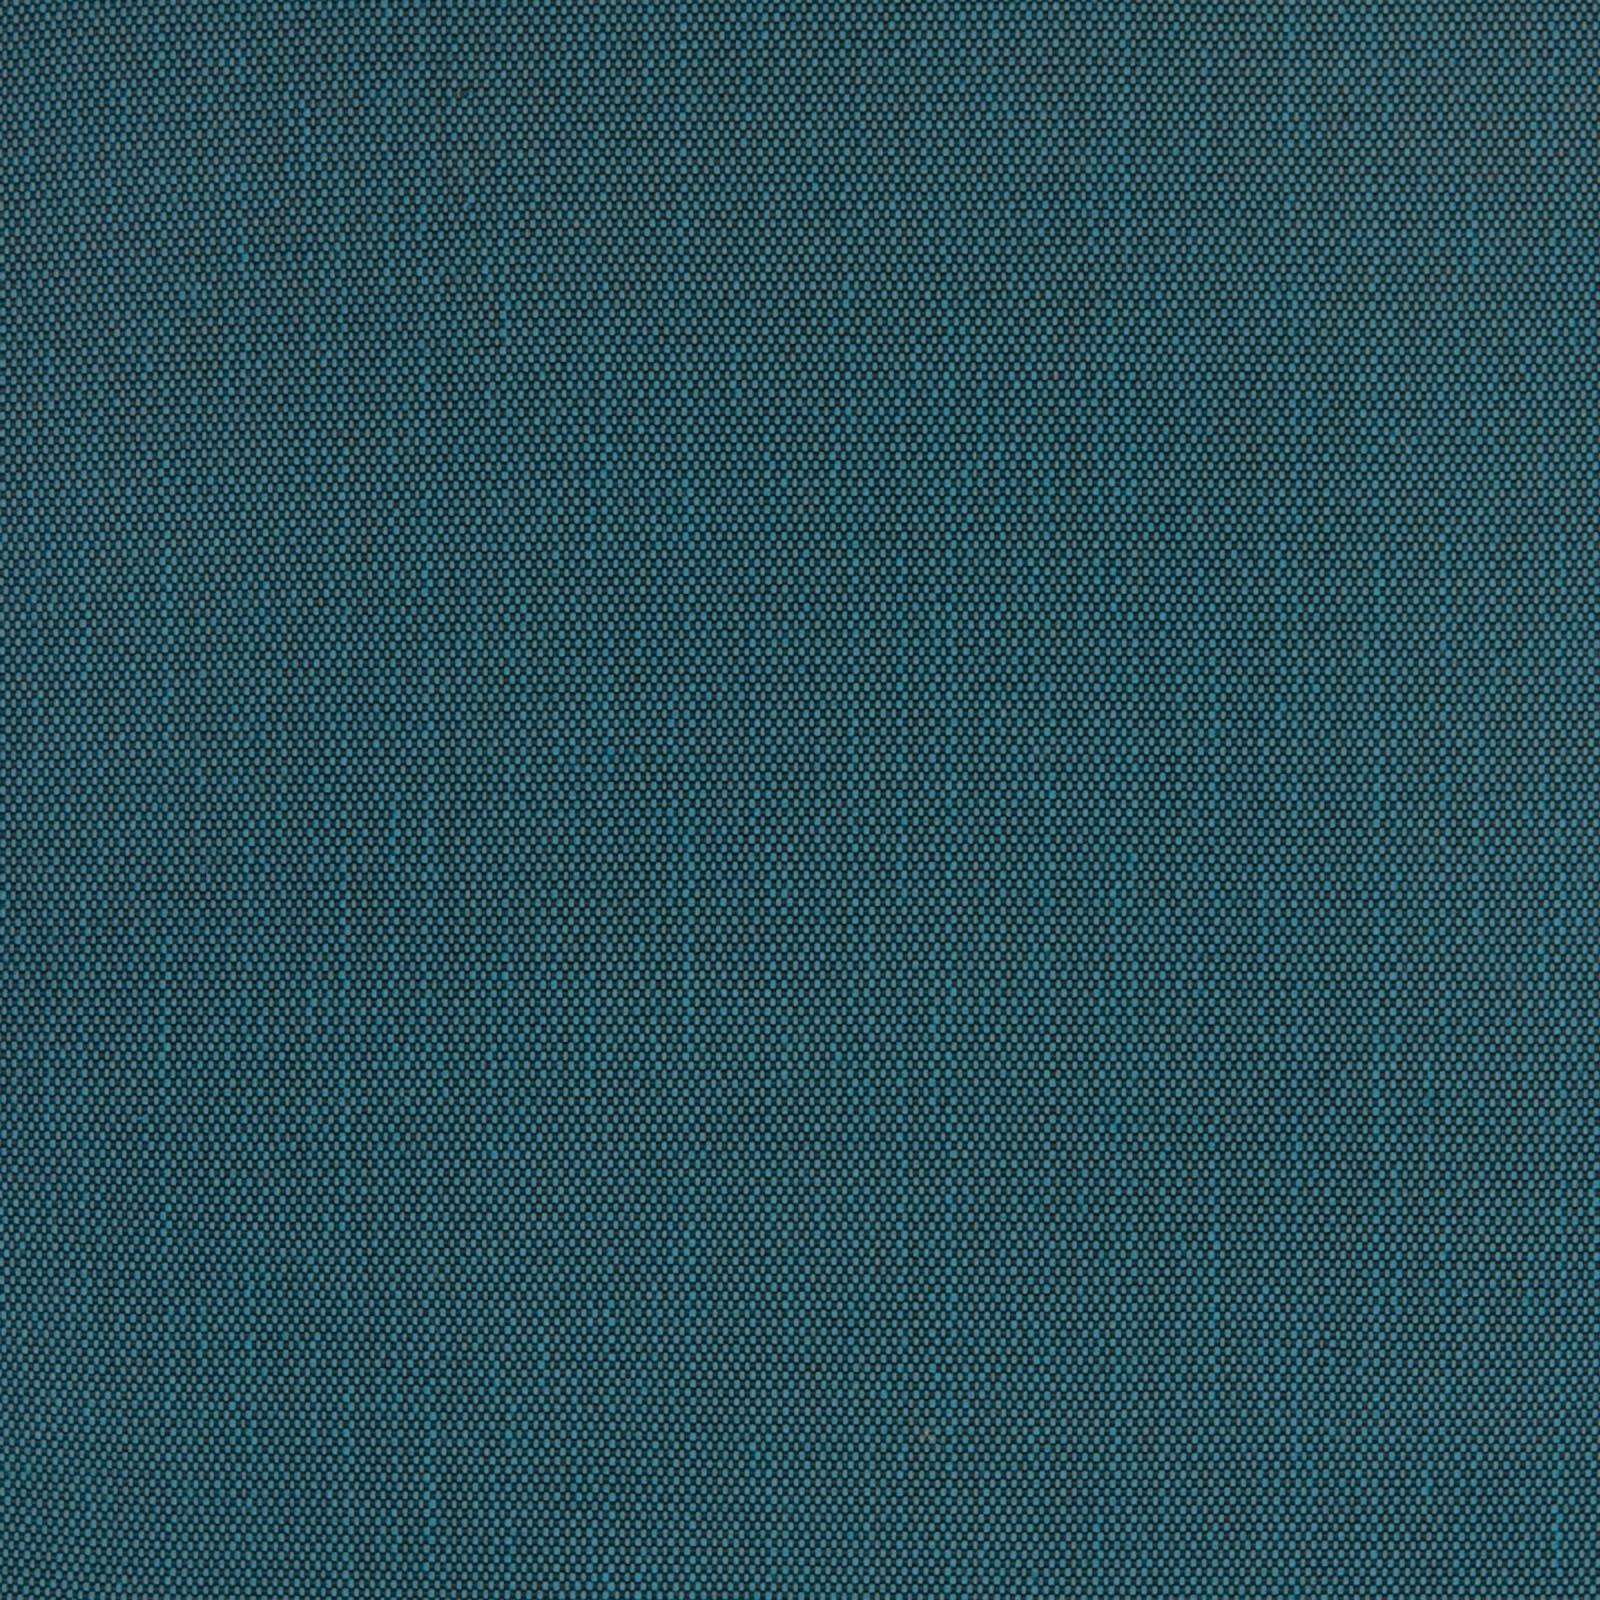 B1241 Dark Teal  Greenhouse Fabrics